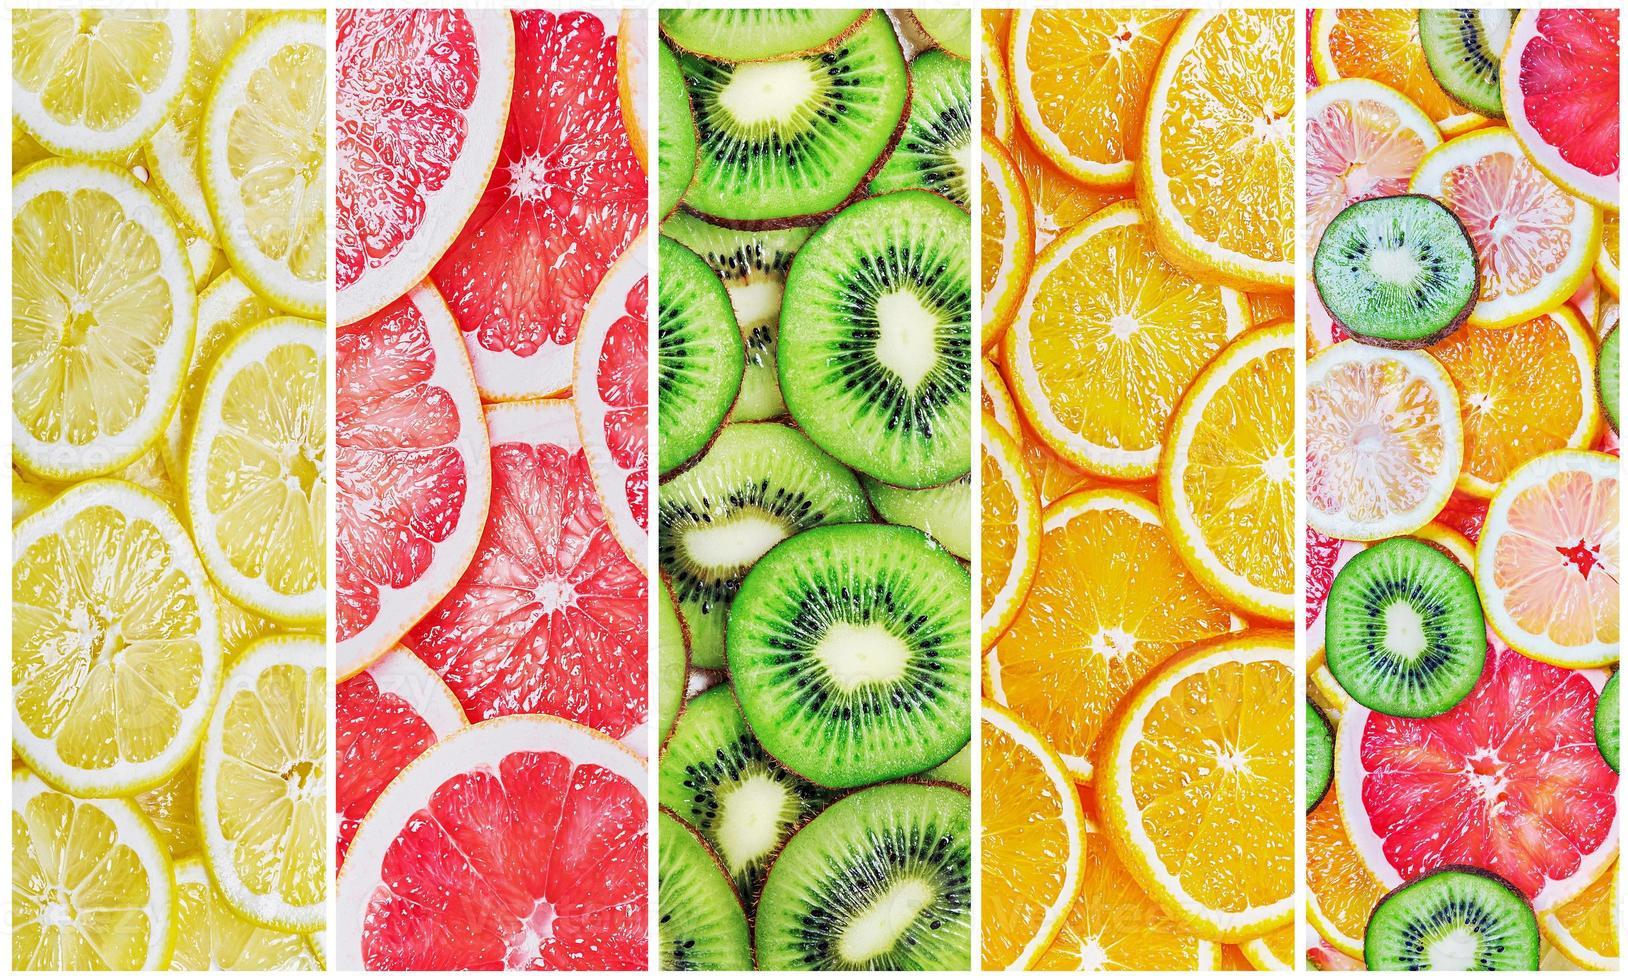 Zitrusfruchtscheiben frisch foto